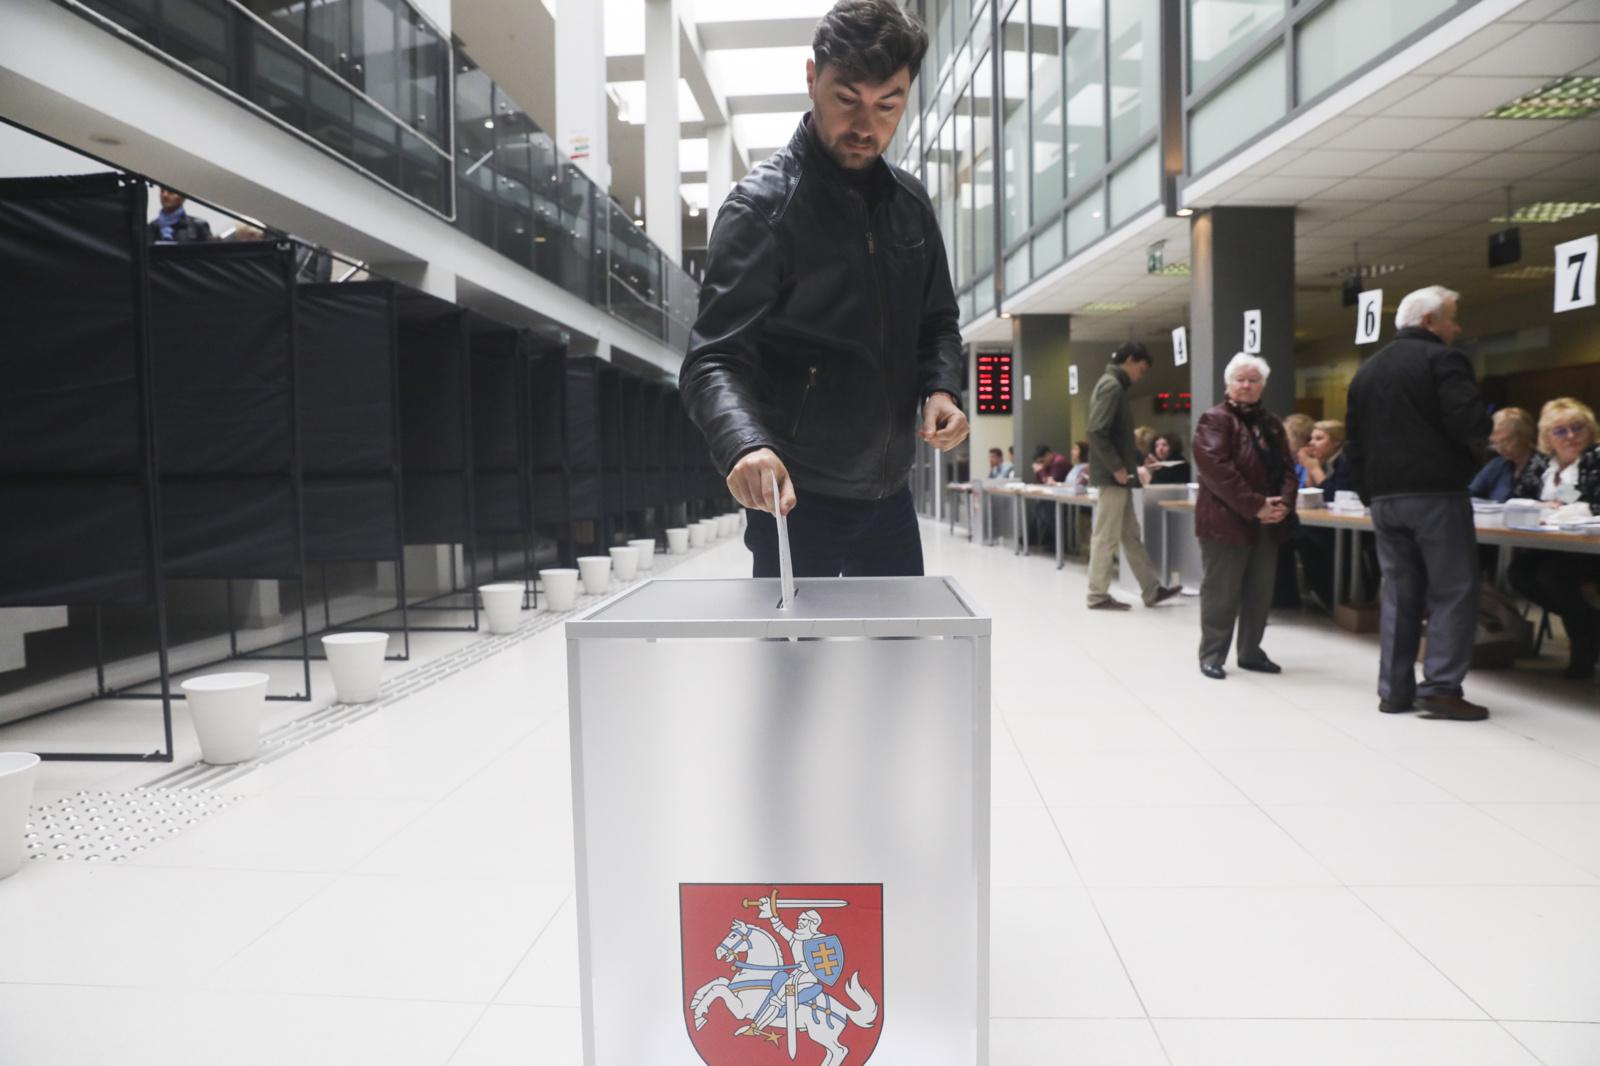 Pirmąją išankstinio balsavimo dieną pilietinę valią pareiškė 0,7 proc. rinkėjų